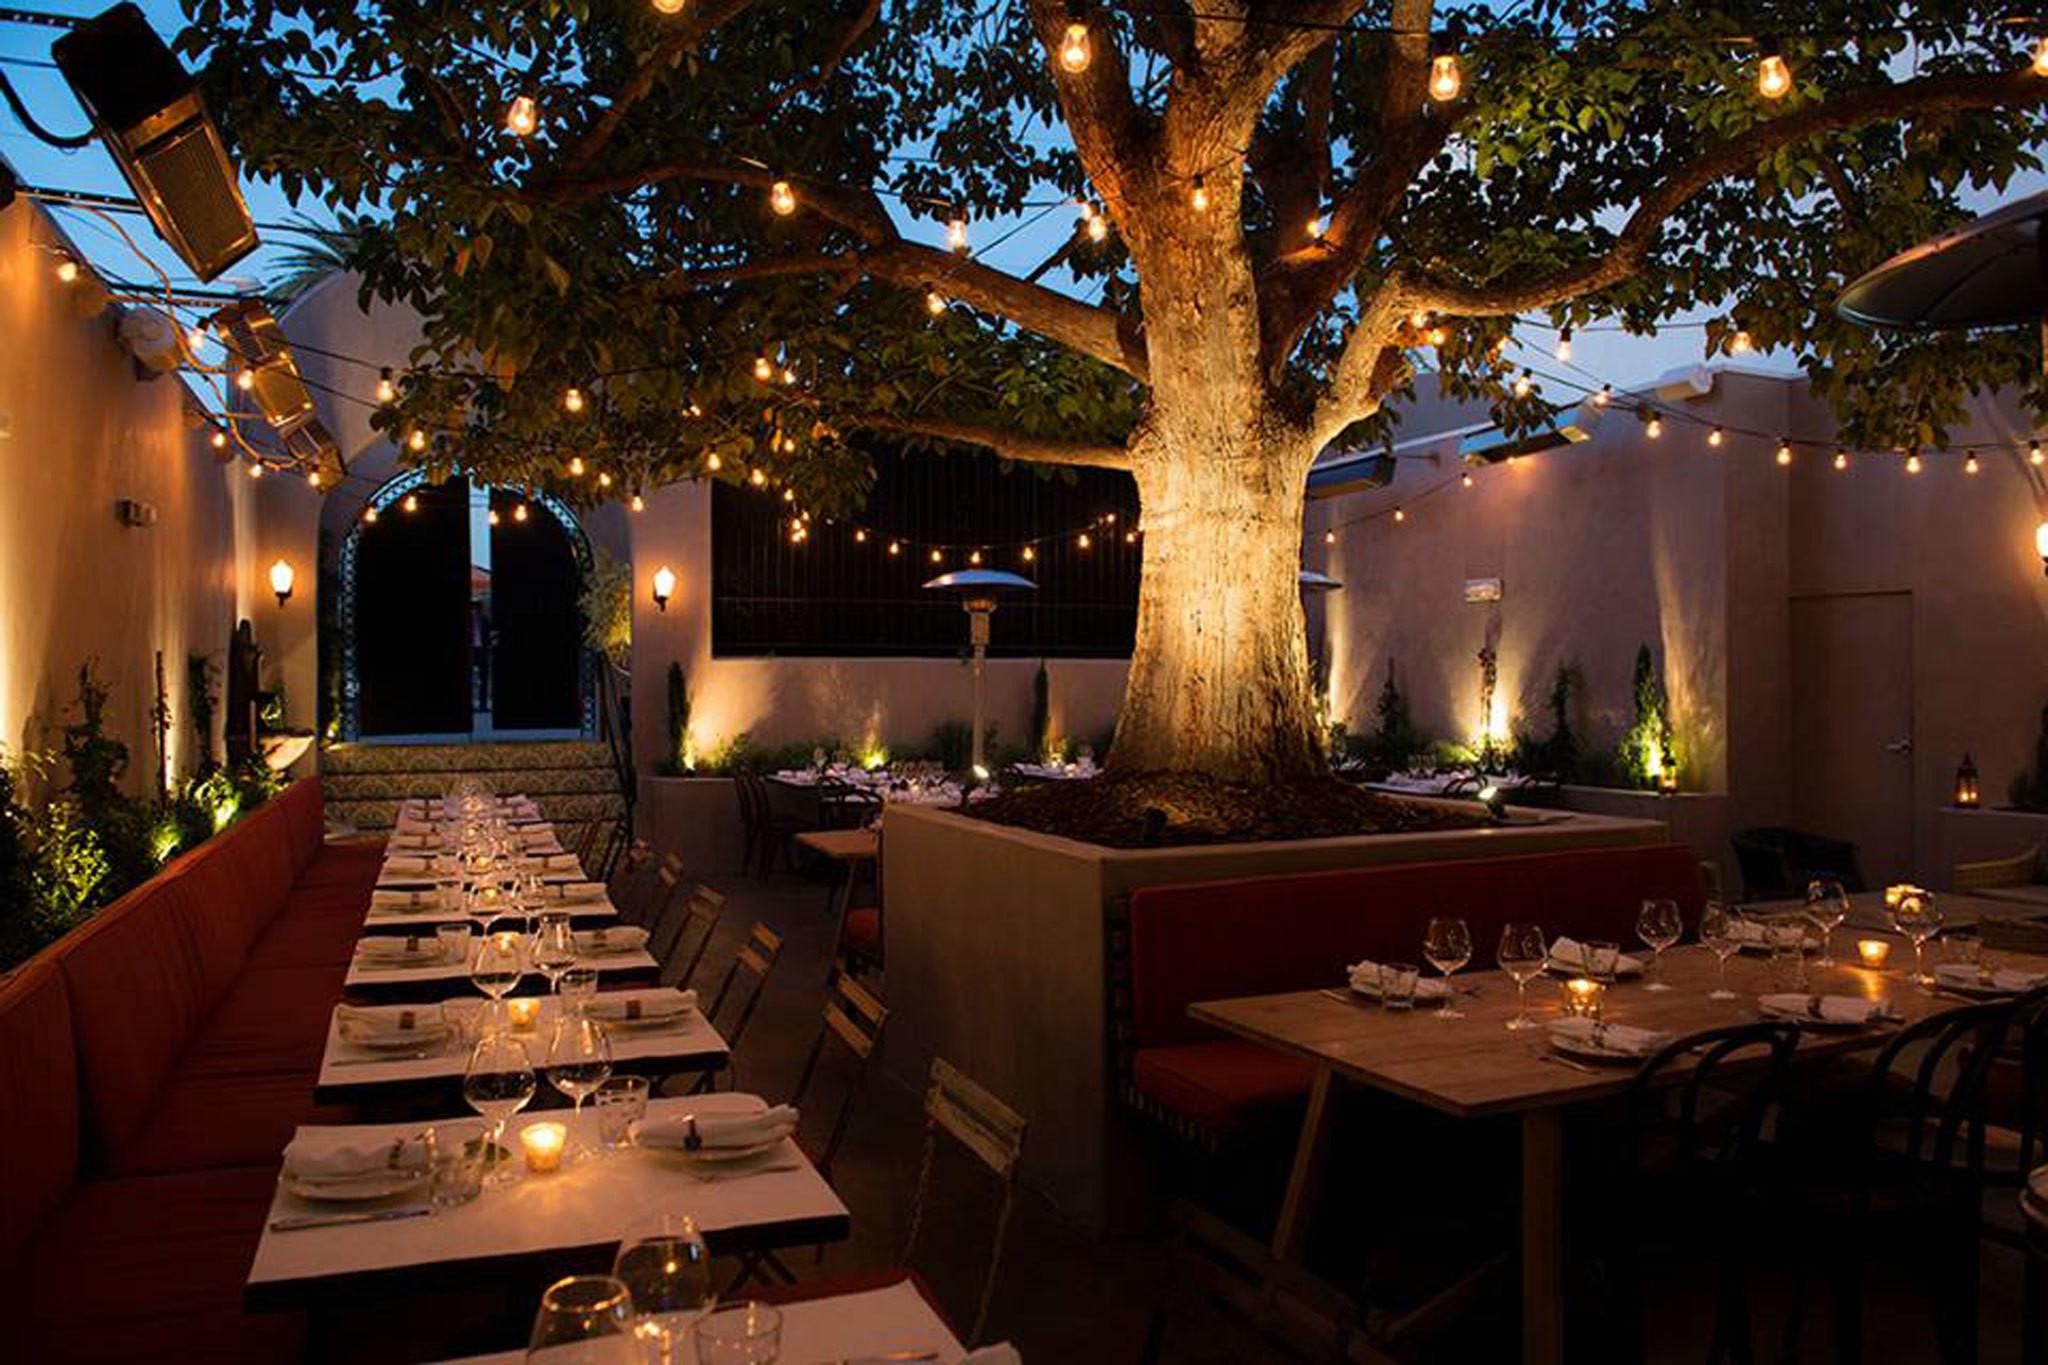 Restaurant Thanksgiving Dinner  Best restaurants for Thanksgiving dinner in Los Angeles